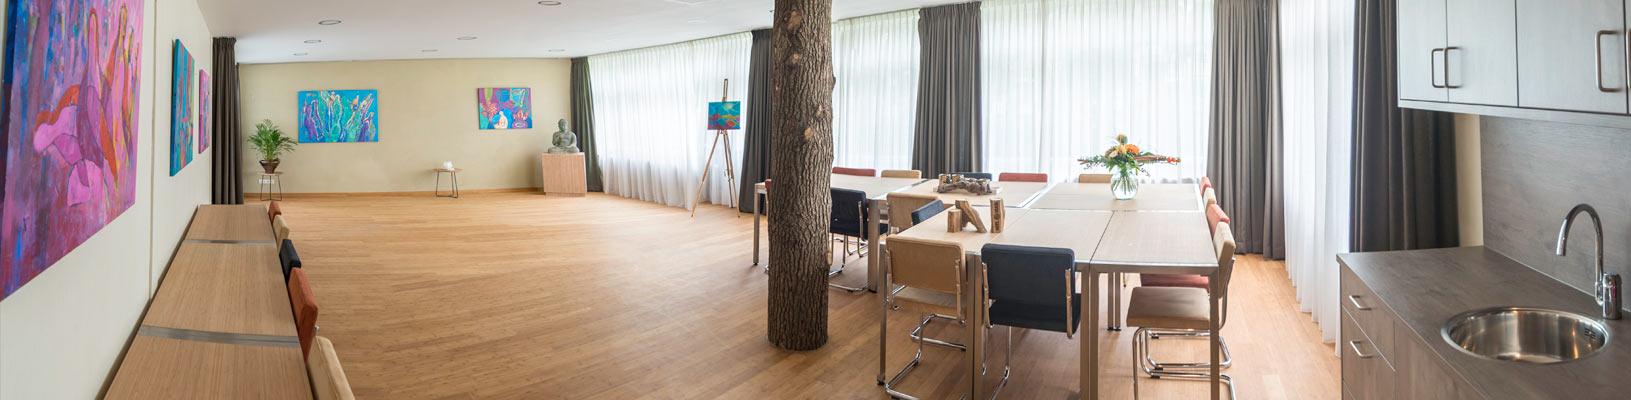 Verhuur Workshopruimte HeelHuus Gezondheidscentrum Warnsveld Zutphen